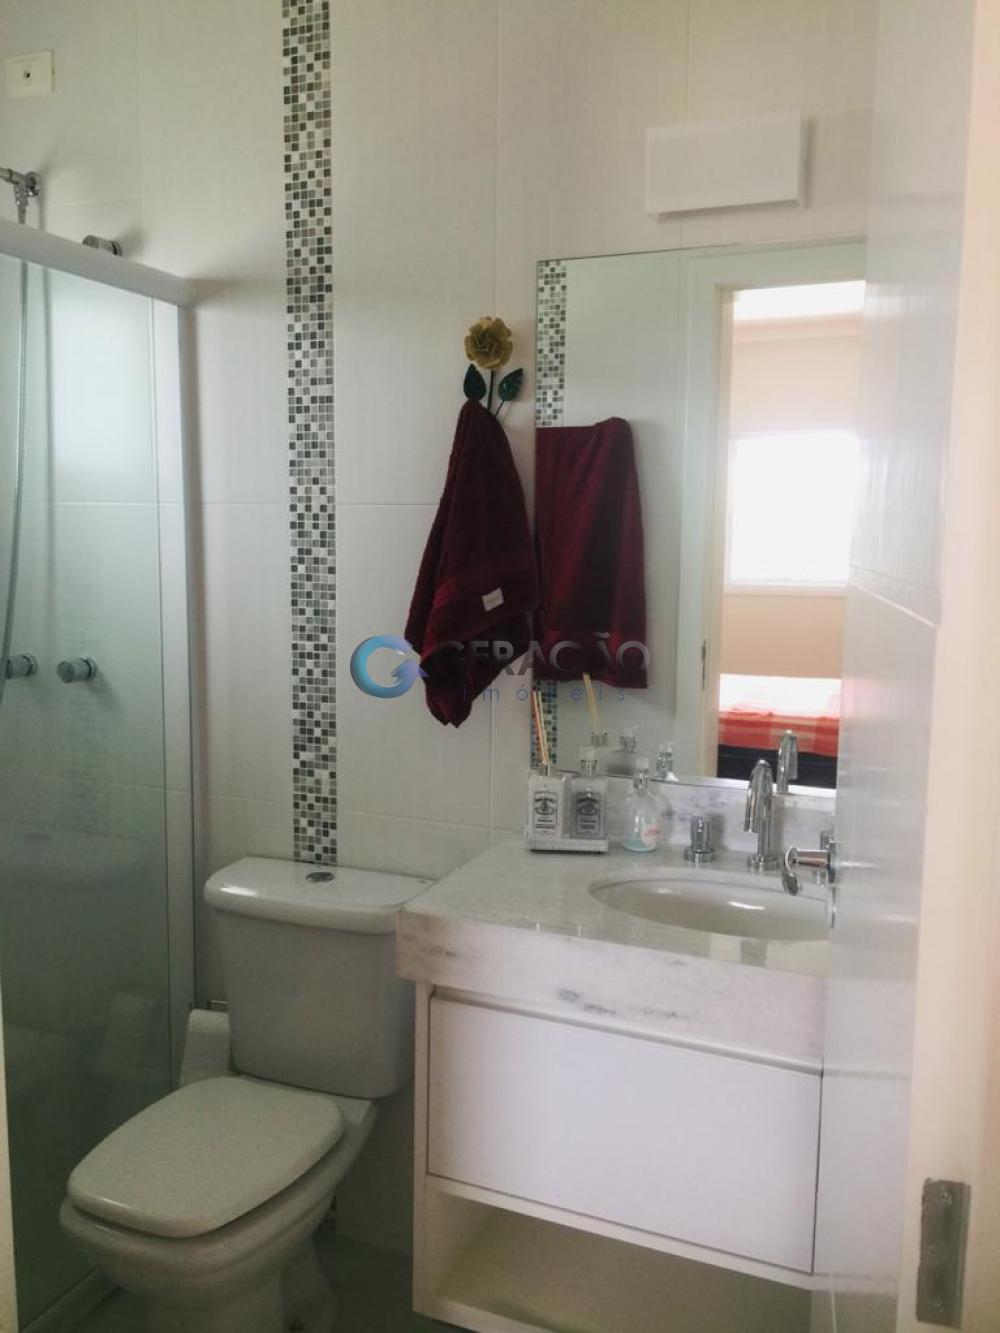 Comprar Casa / Condomínio em São José dos Campos apenas R$ 950.000,00 - Foto 37